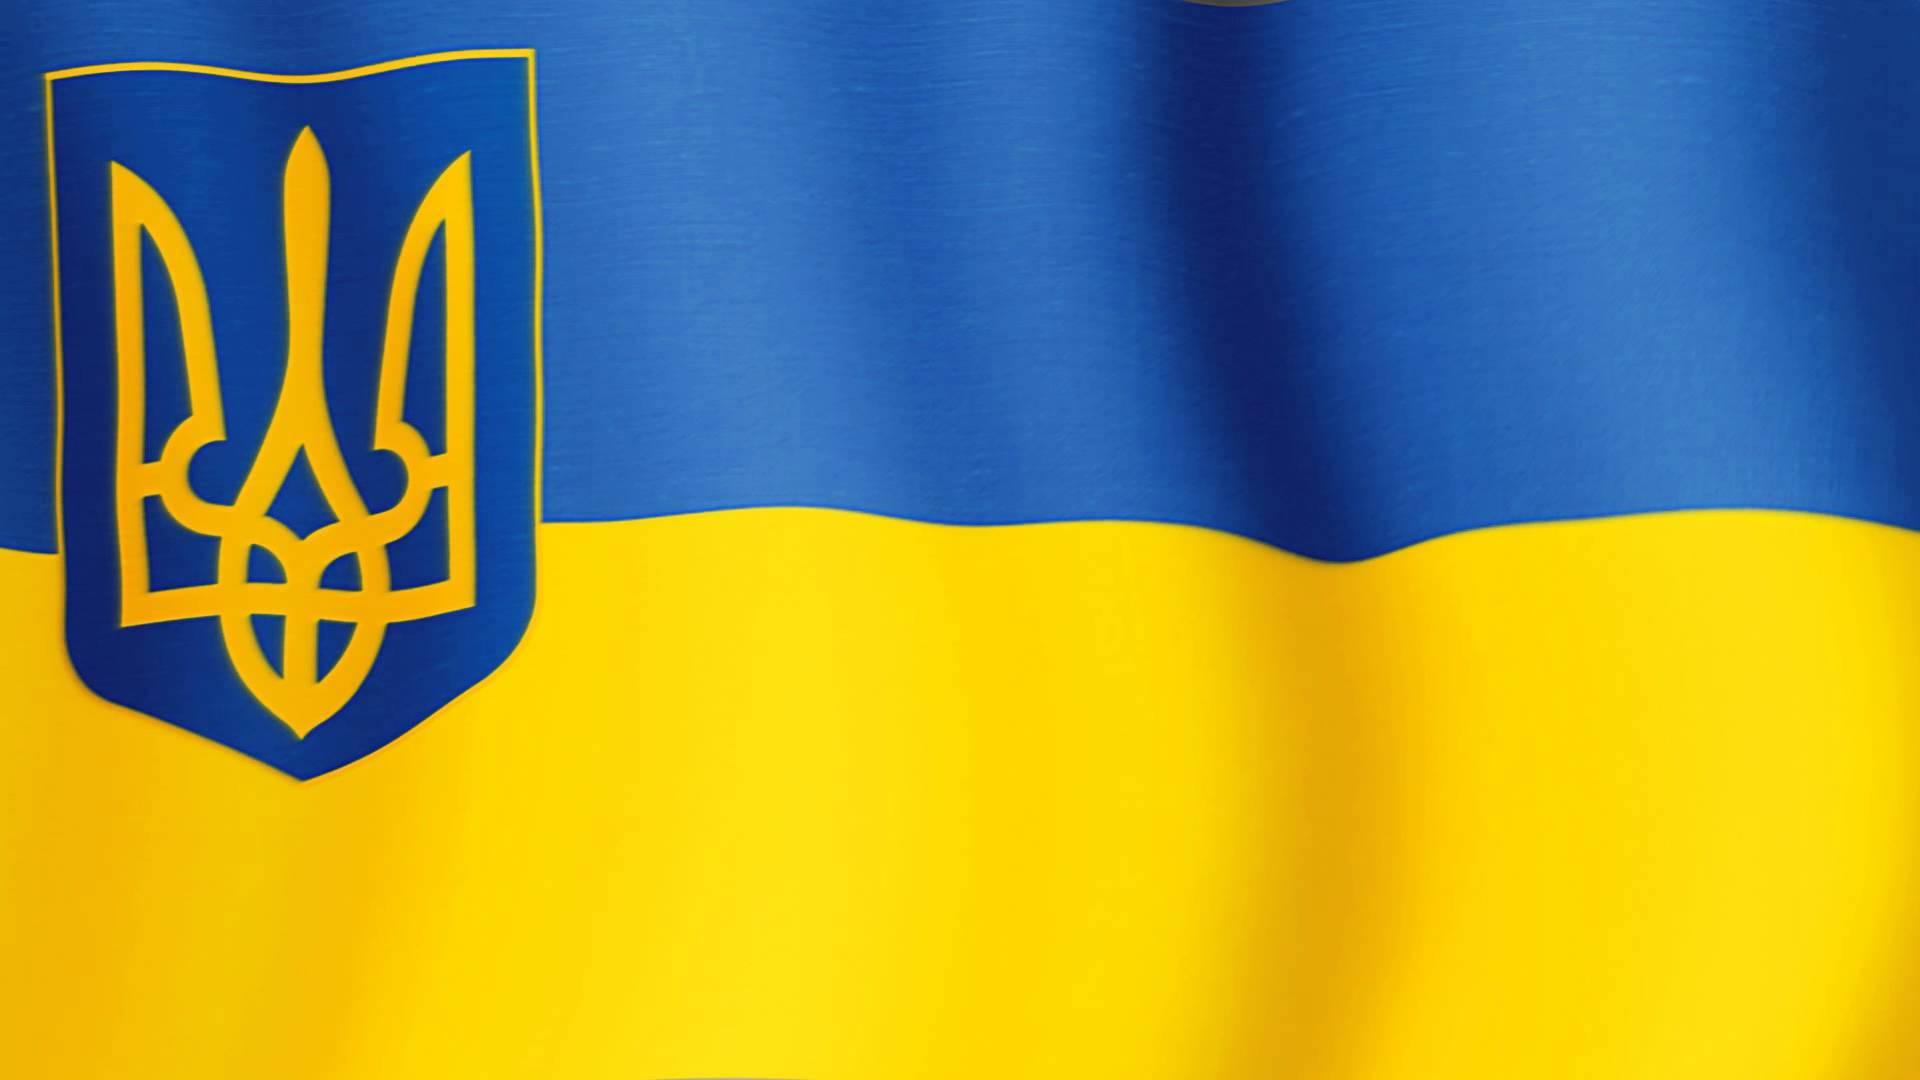 нами пошагово картинка на рабочий стол прапор украины комфорту сильно